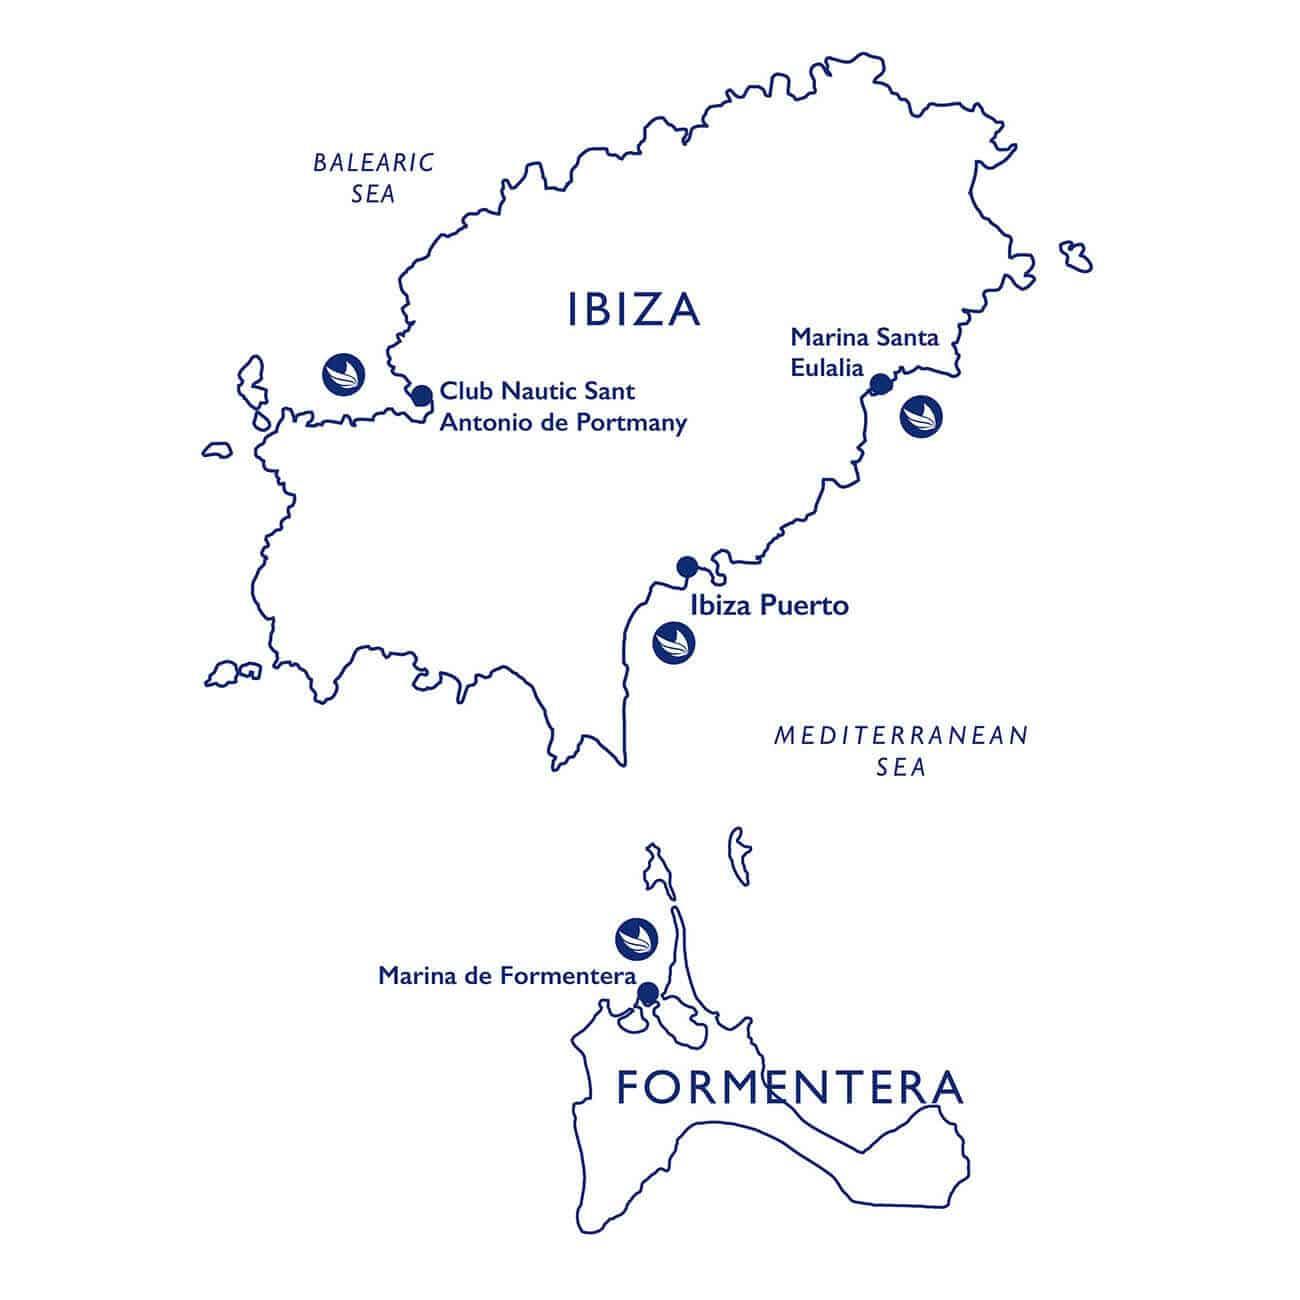 Mapa de como ir em barco de Ibiza a Formentera